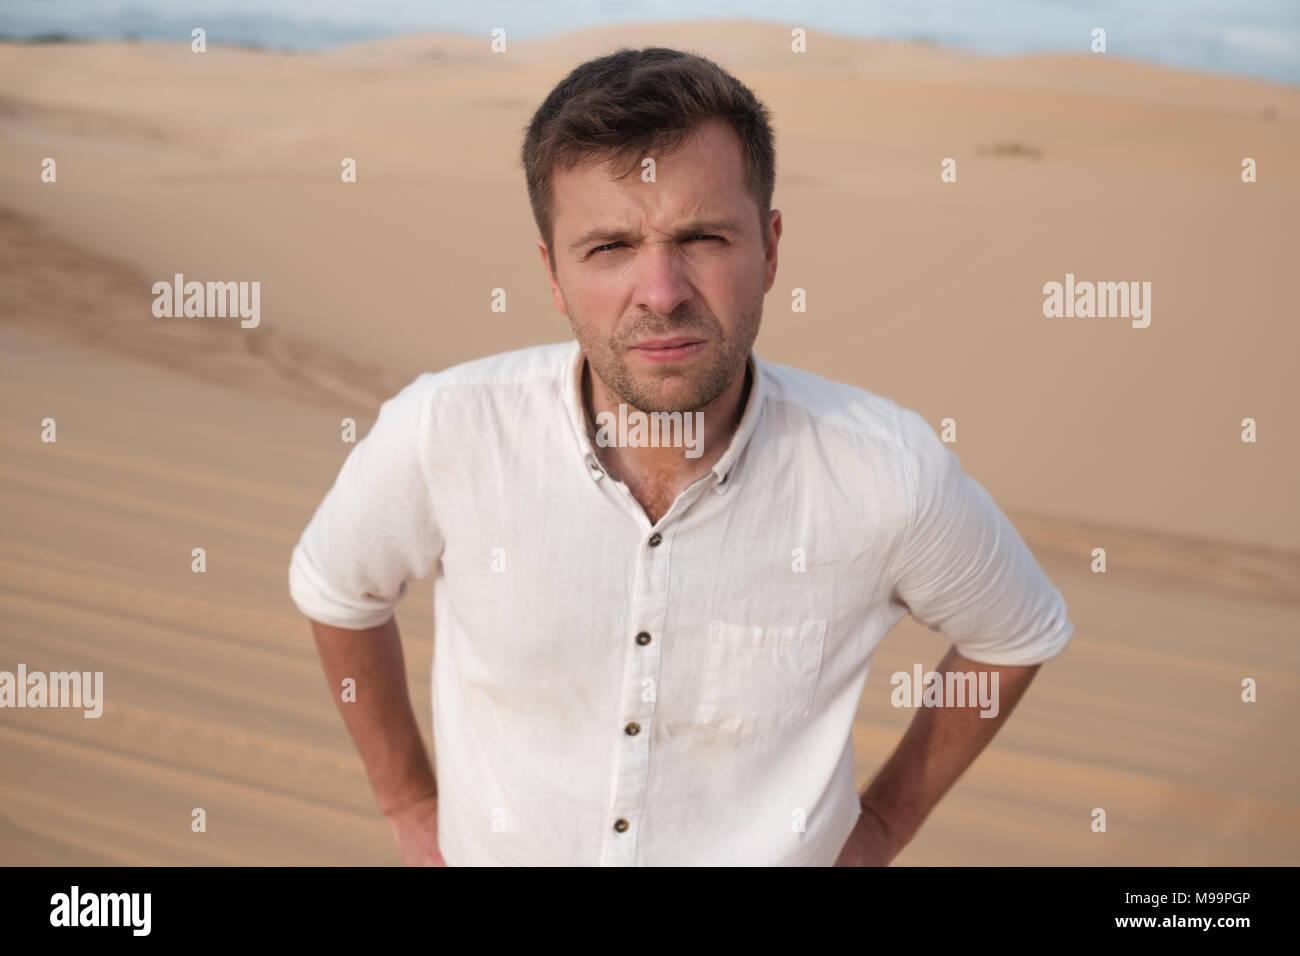 Serious man looking at camera. - Stock Image